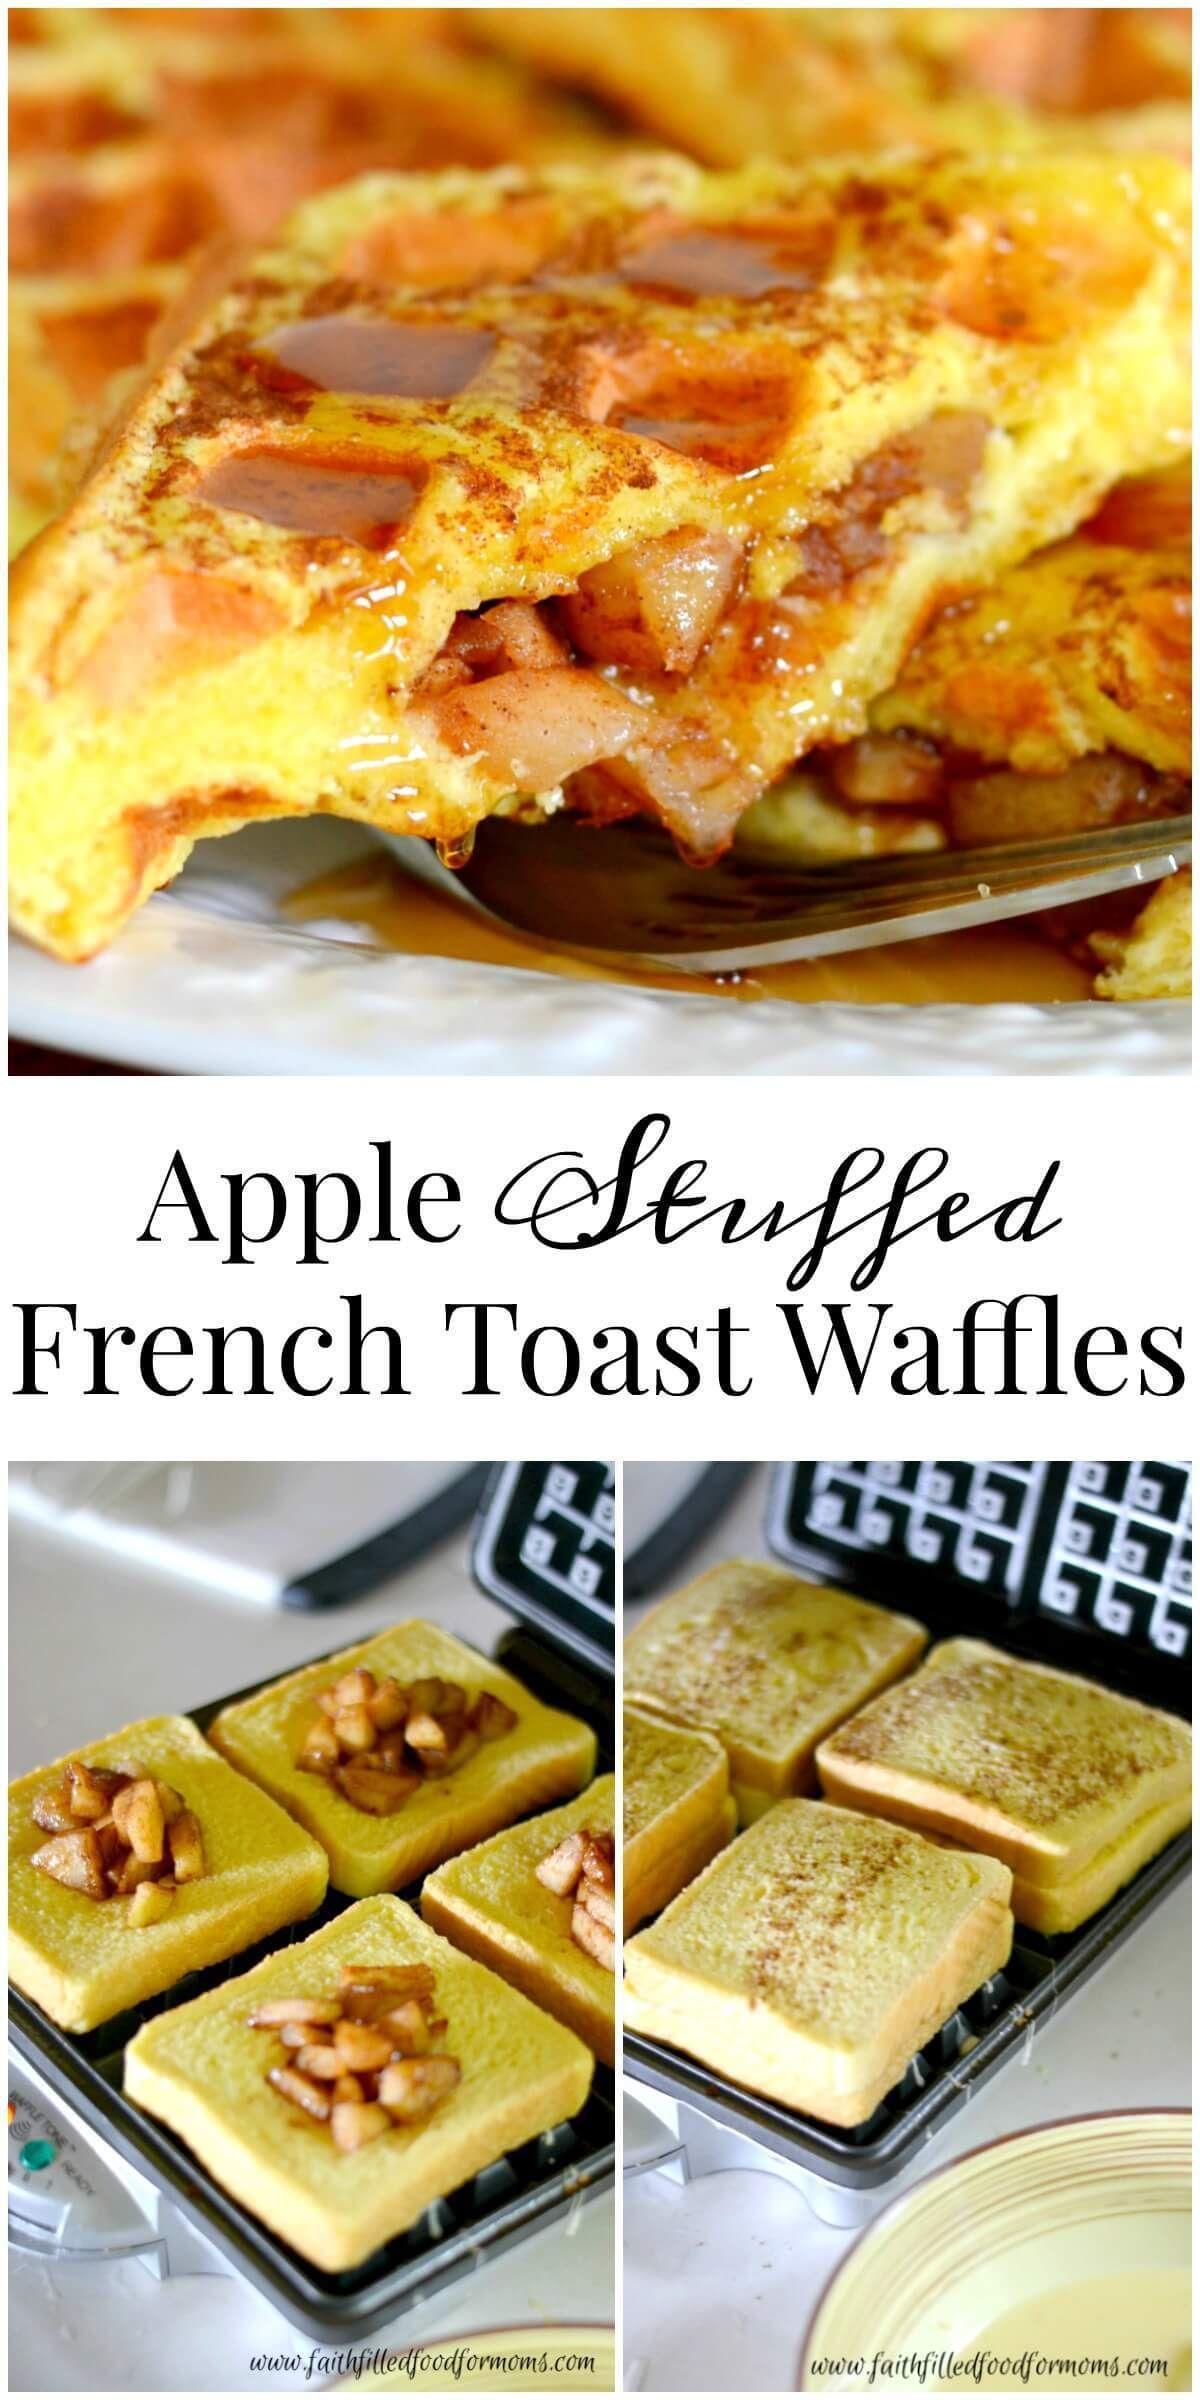 Ein köstliches apfelgefülltes Frühstück, das so einfach, aber dekadent ist. Diese Apfel ... - Kinder Blog, Baking #aber #Apfel #apfelgefülltes #apple Stuffed French Toast #bacon Stuffed French Toast #banana Stuffed French Toast #berry Stuffed French Toast #blackberry Stuffed French Toast #Blog #blueberry Stuffed French Toast #brioche Stuffed French Toast #cannoli Stuffed French Toast #cheesecake Stuffed French Toast #cherry Stuffed French Toast #chocolate Stuffed French Toast #cinnamon Stuffed F